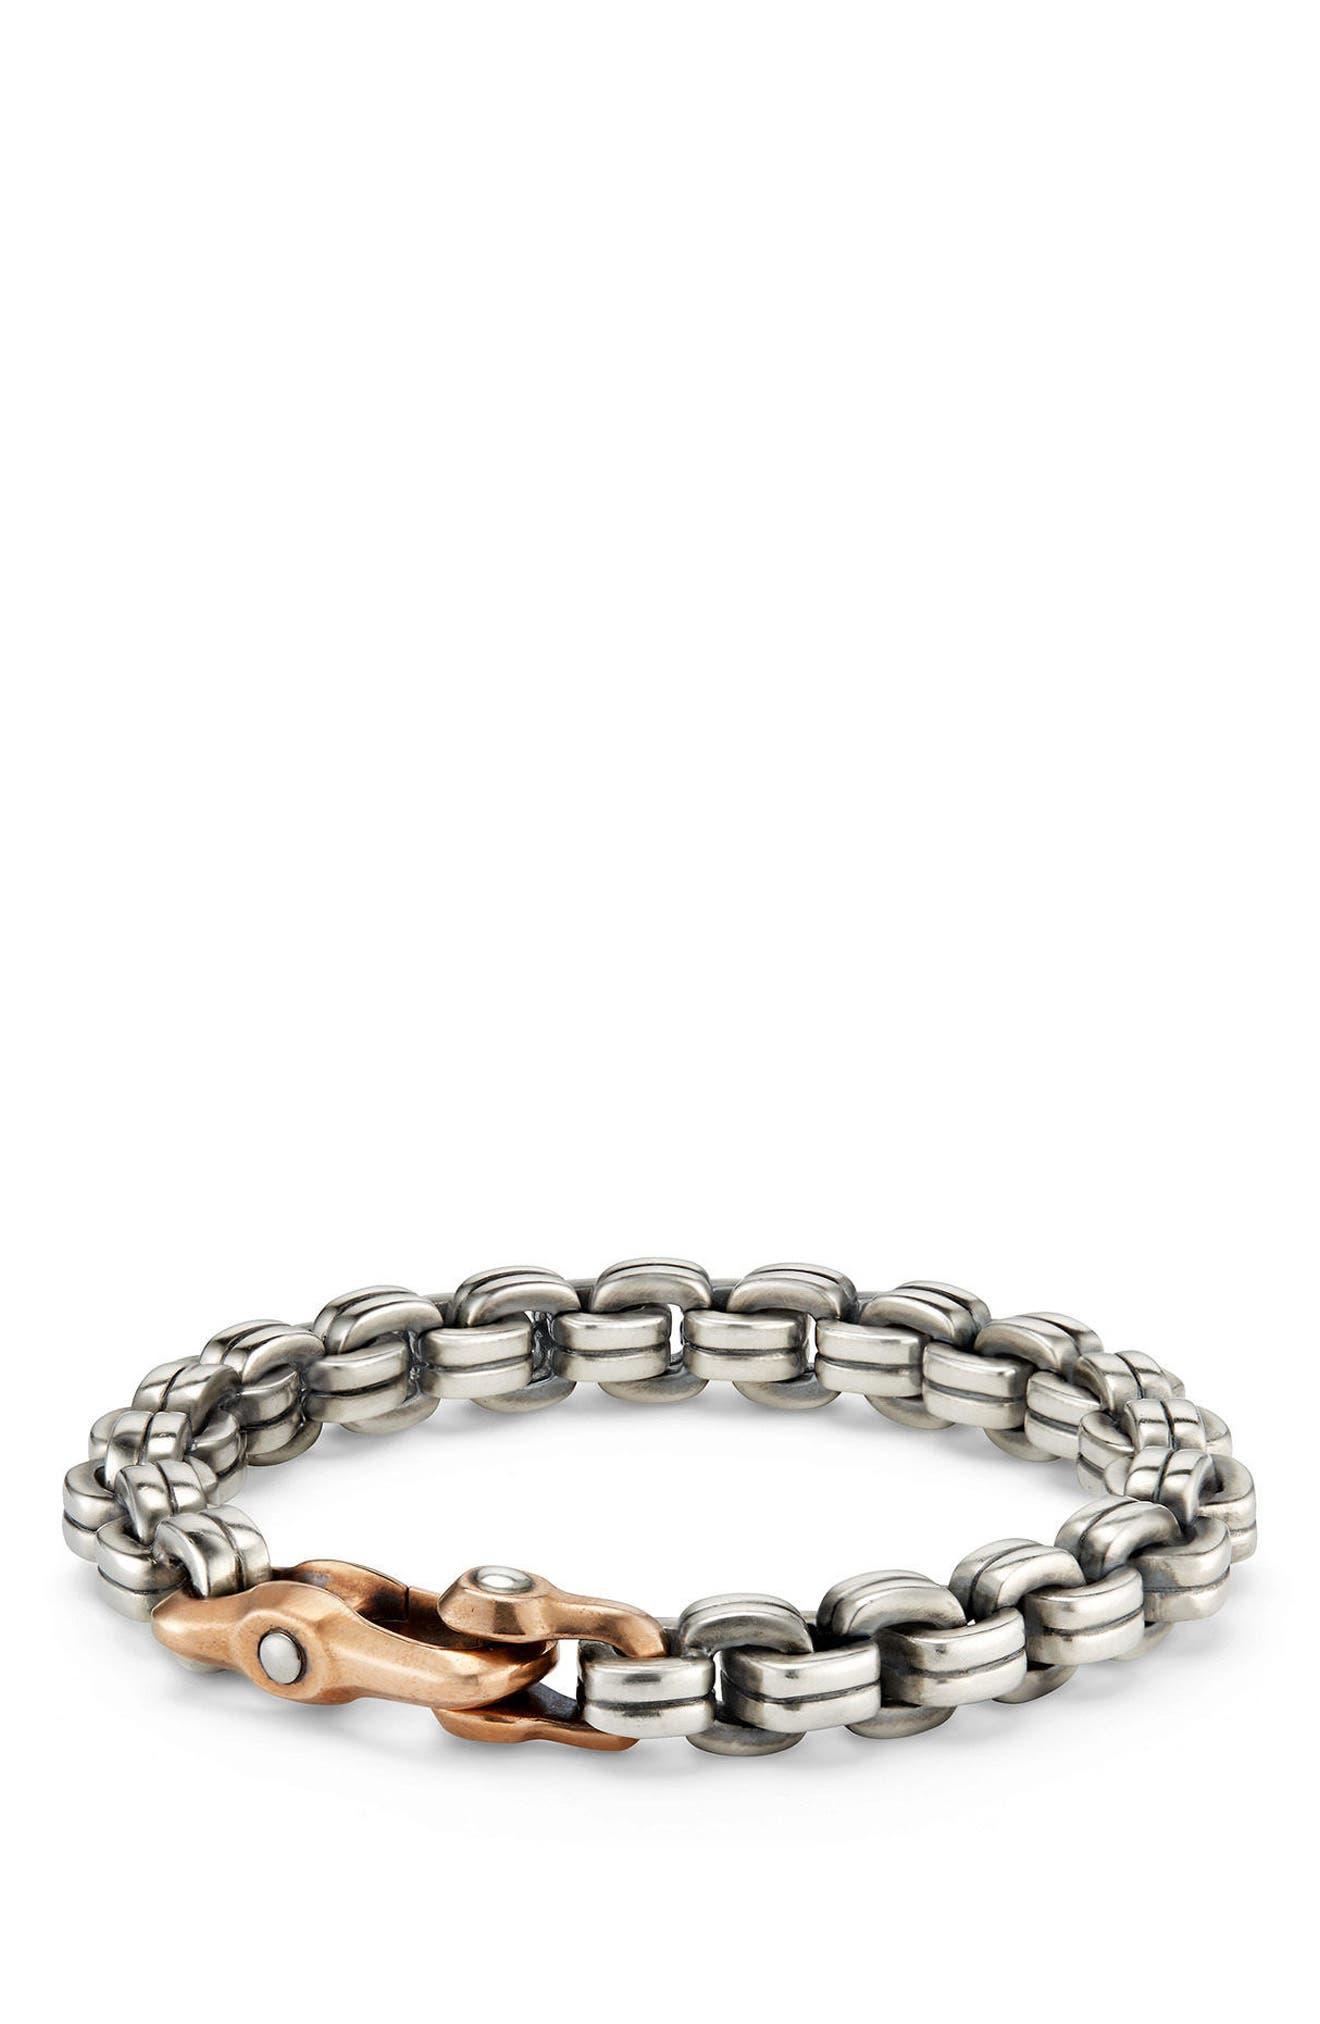 Anvil Chain Bracelet,                             Main thumbnail 1, color,                             SILVER/ BRONZE